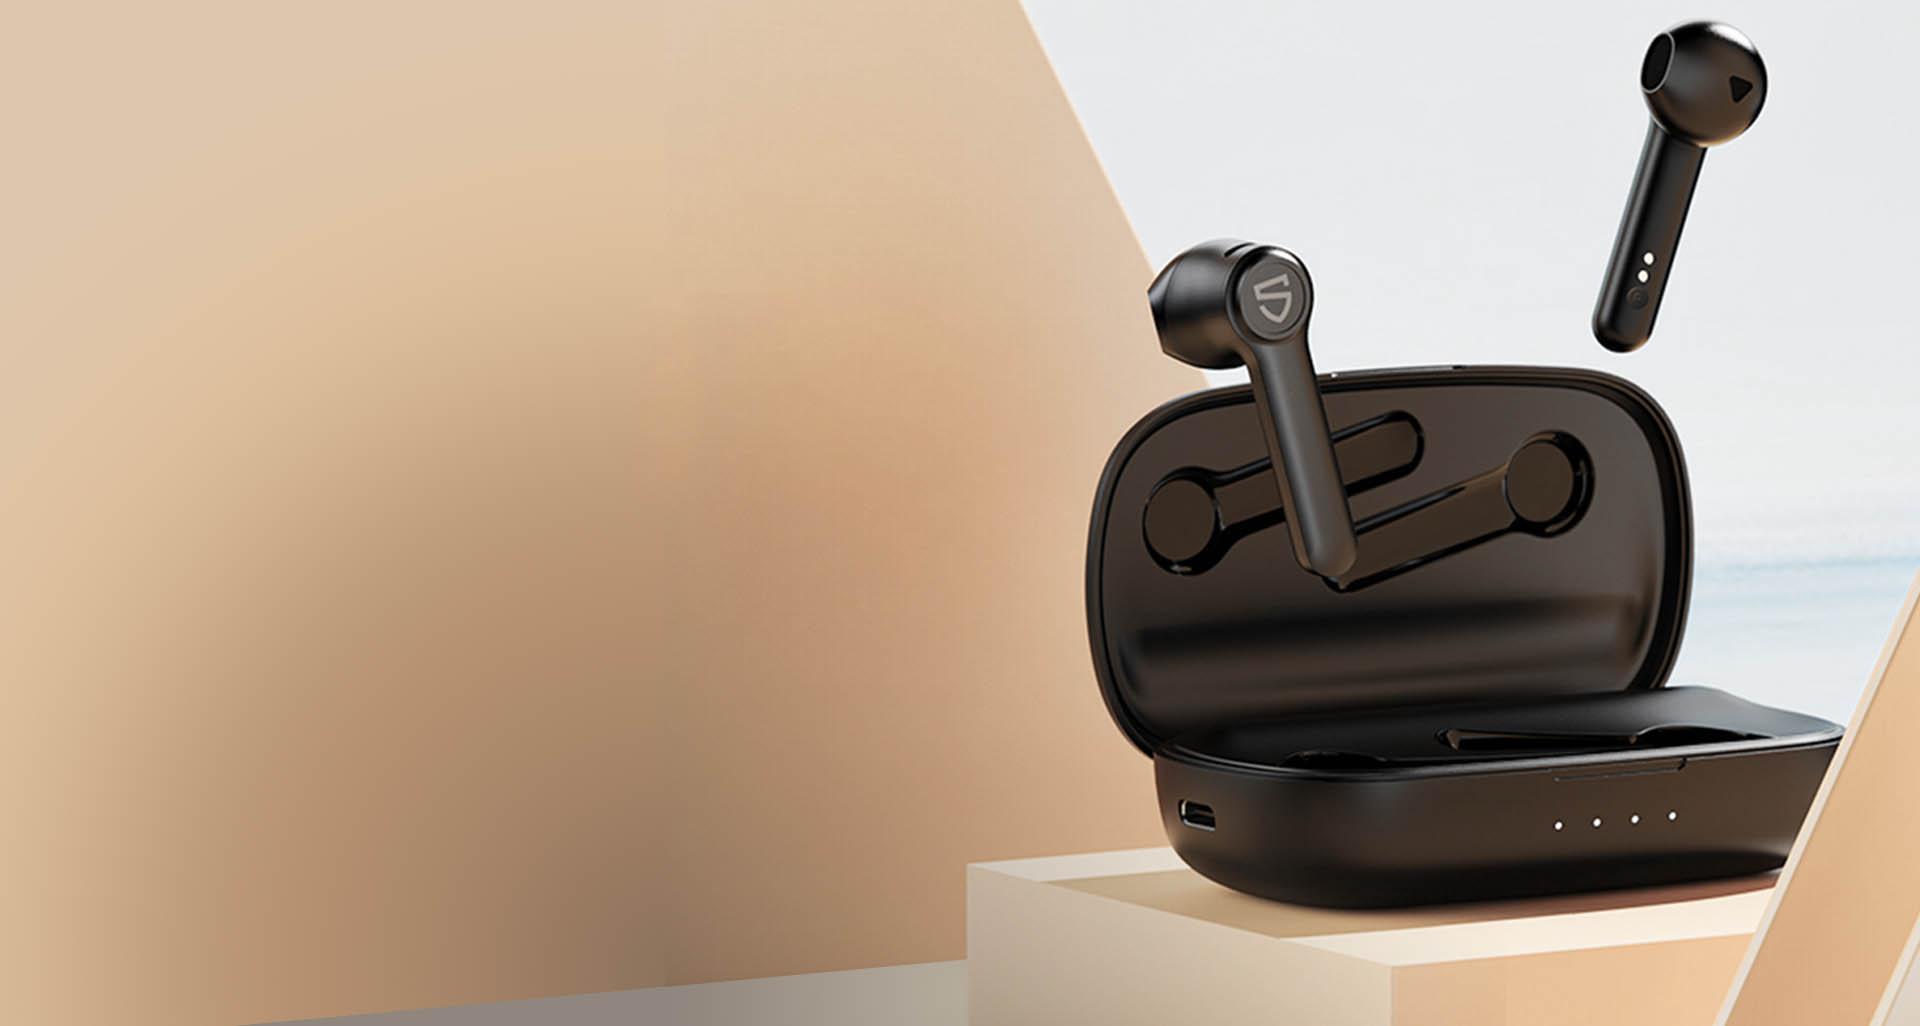 tai nghe bluetooth Soundpeats TrueBuds cải tiến cấu hình âm thanh mạnh mẽ